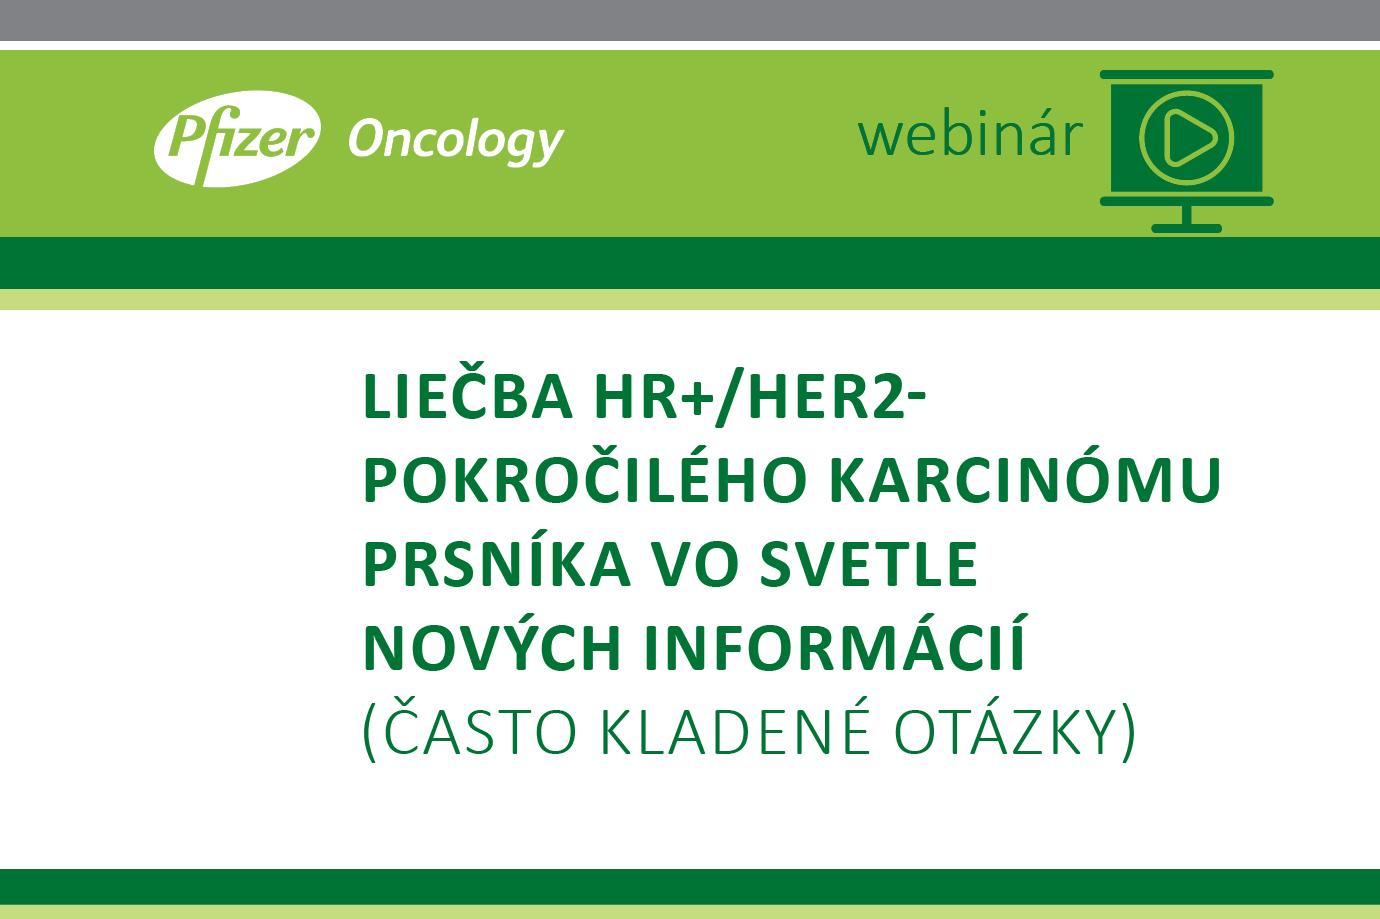 Liečba HR+/HER2- pokročilého karcinómu prsníka vo svetle nových informácií (často kladené otázky)